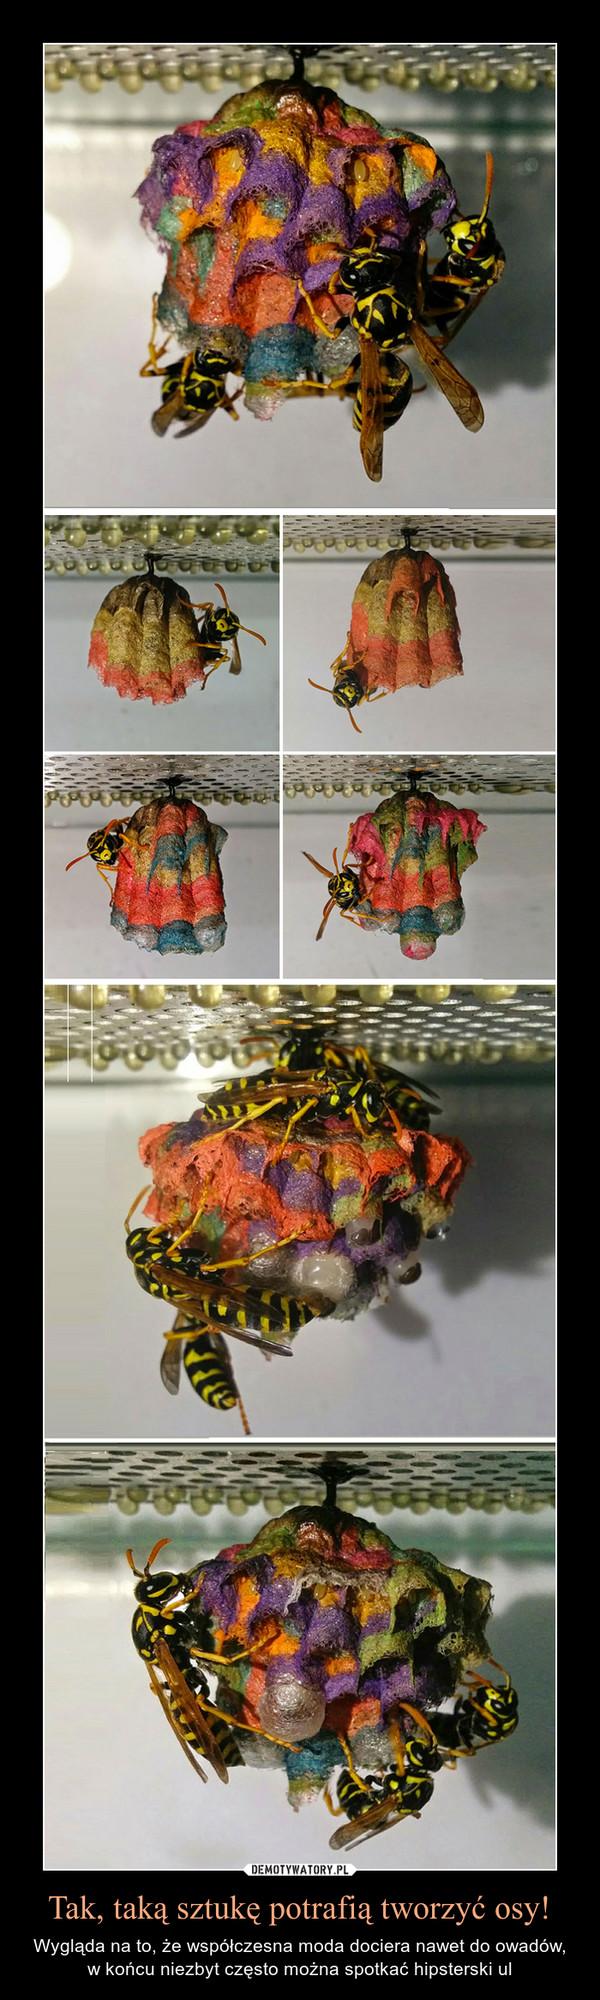 Tak, taką sztukę potrafią tworzyć osy! – Wygląda na to, że współczesna moda dociera nawet do owadów, w końcu niezbyt często można spotkać hipsterski ul